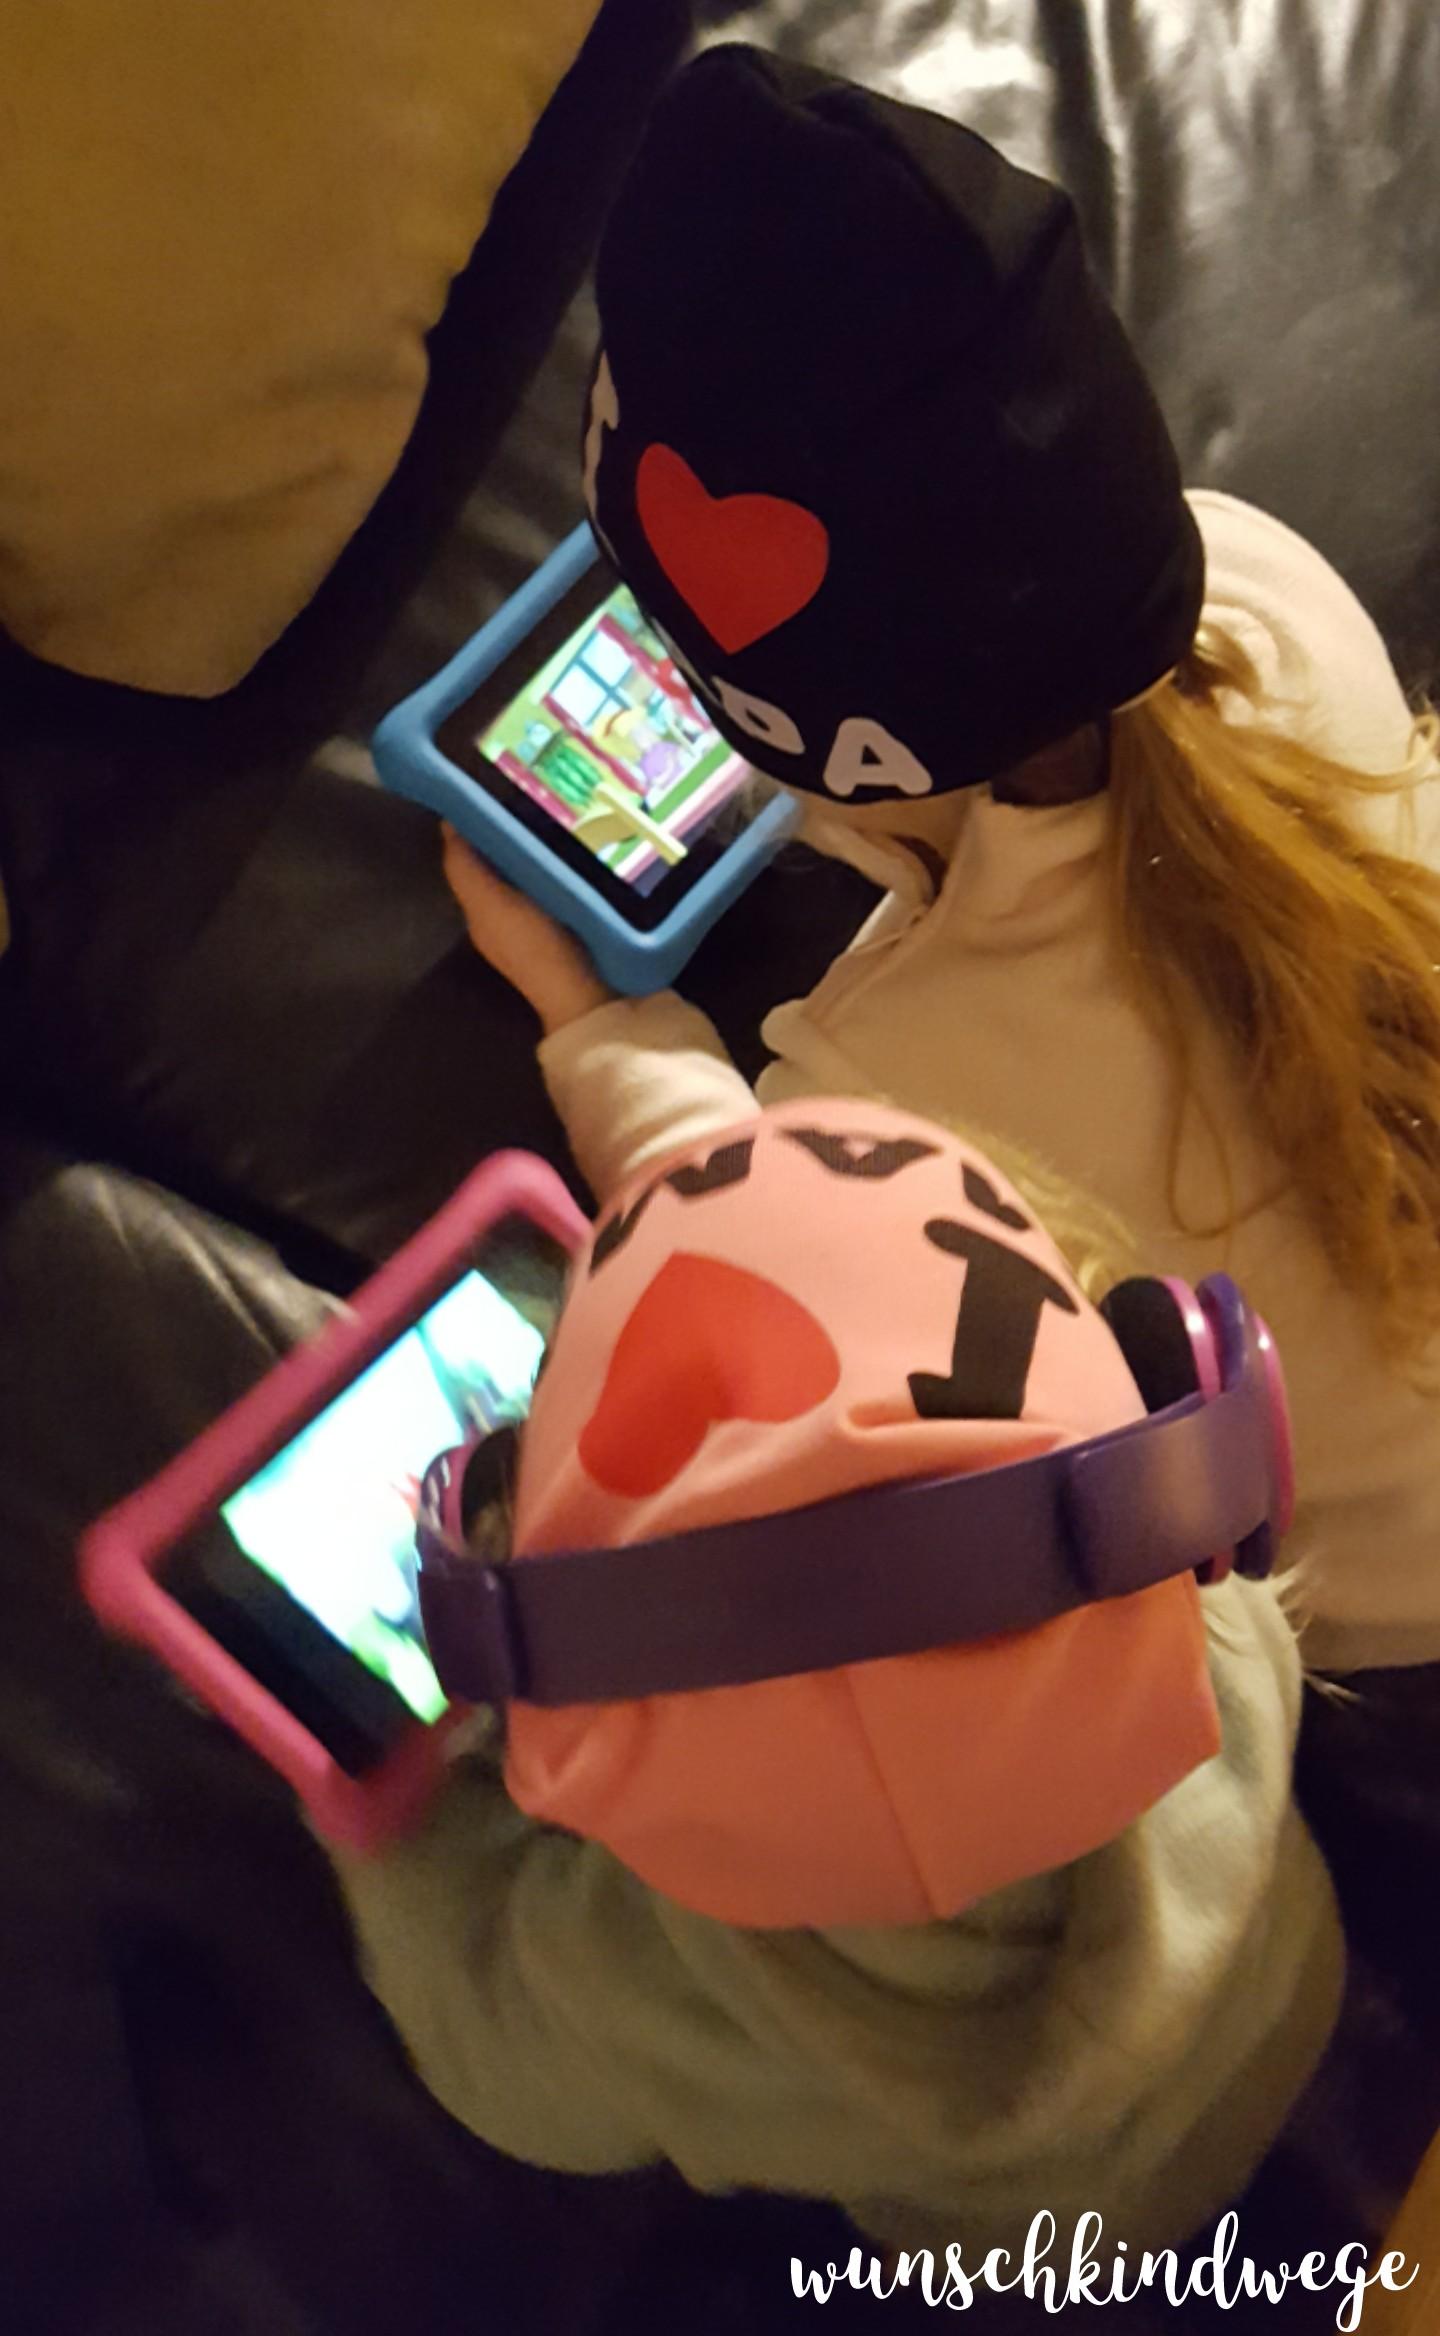 Silvesterwochenende Kinder Tablet gucken